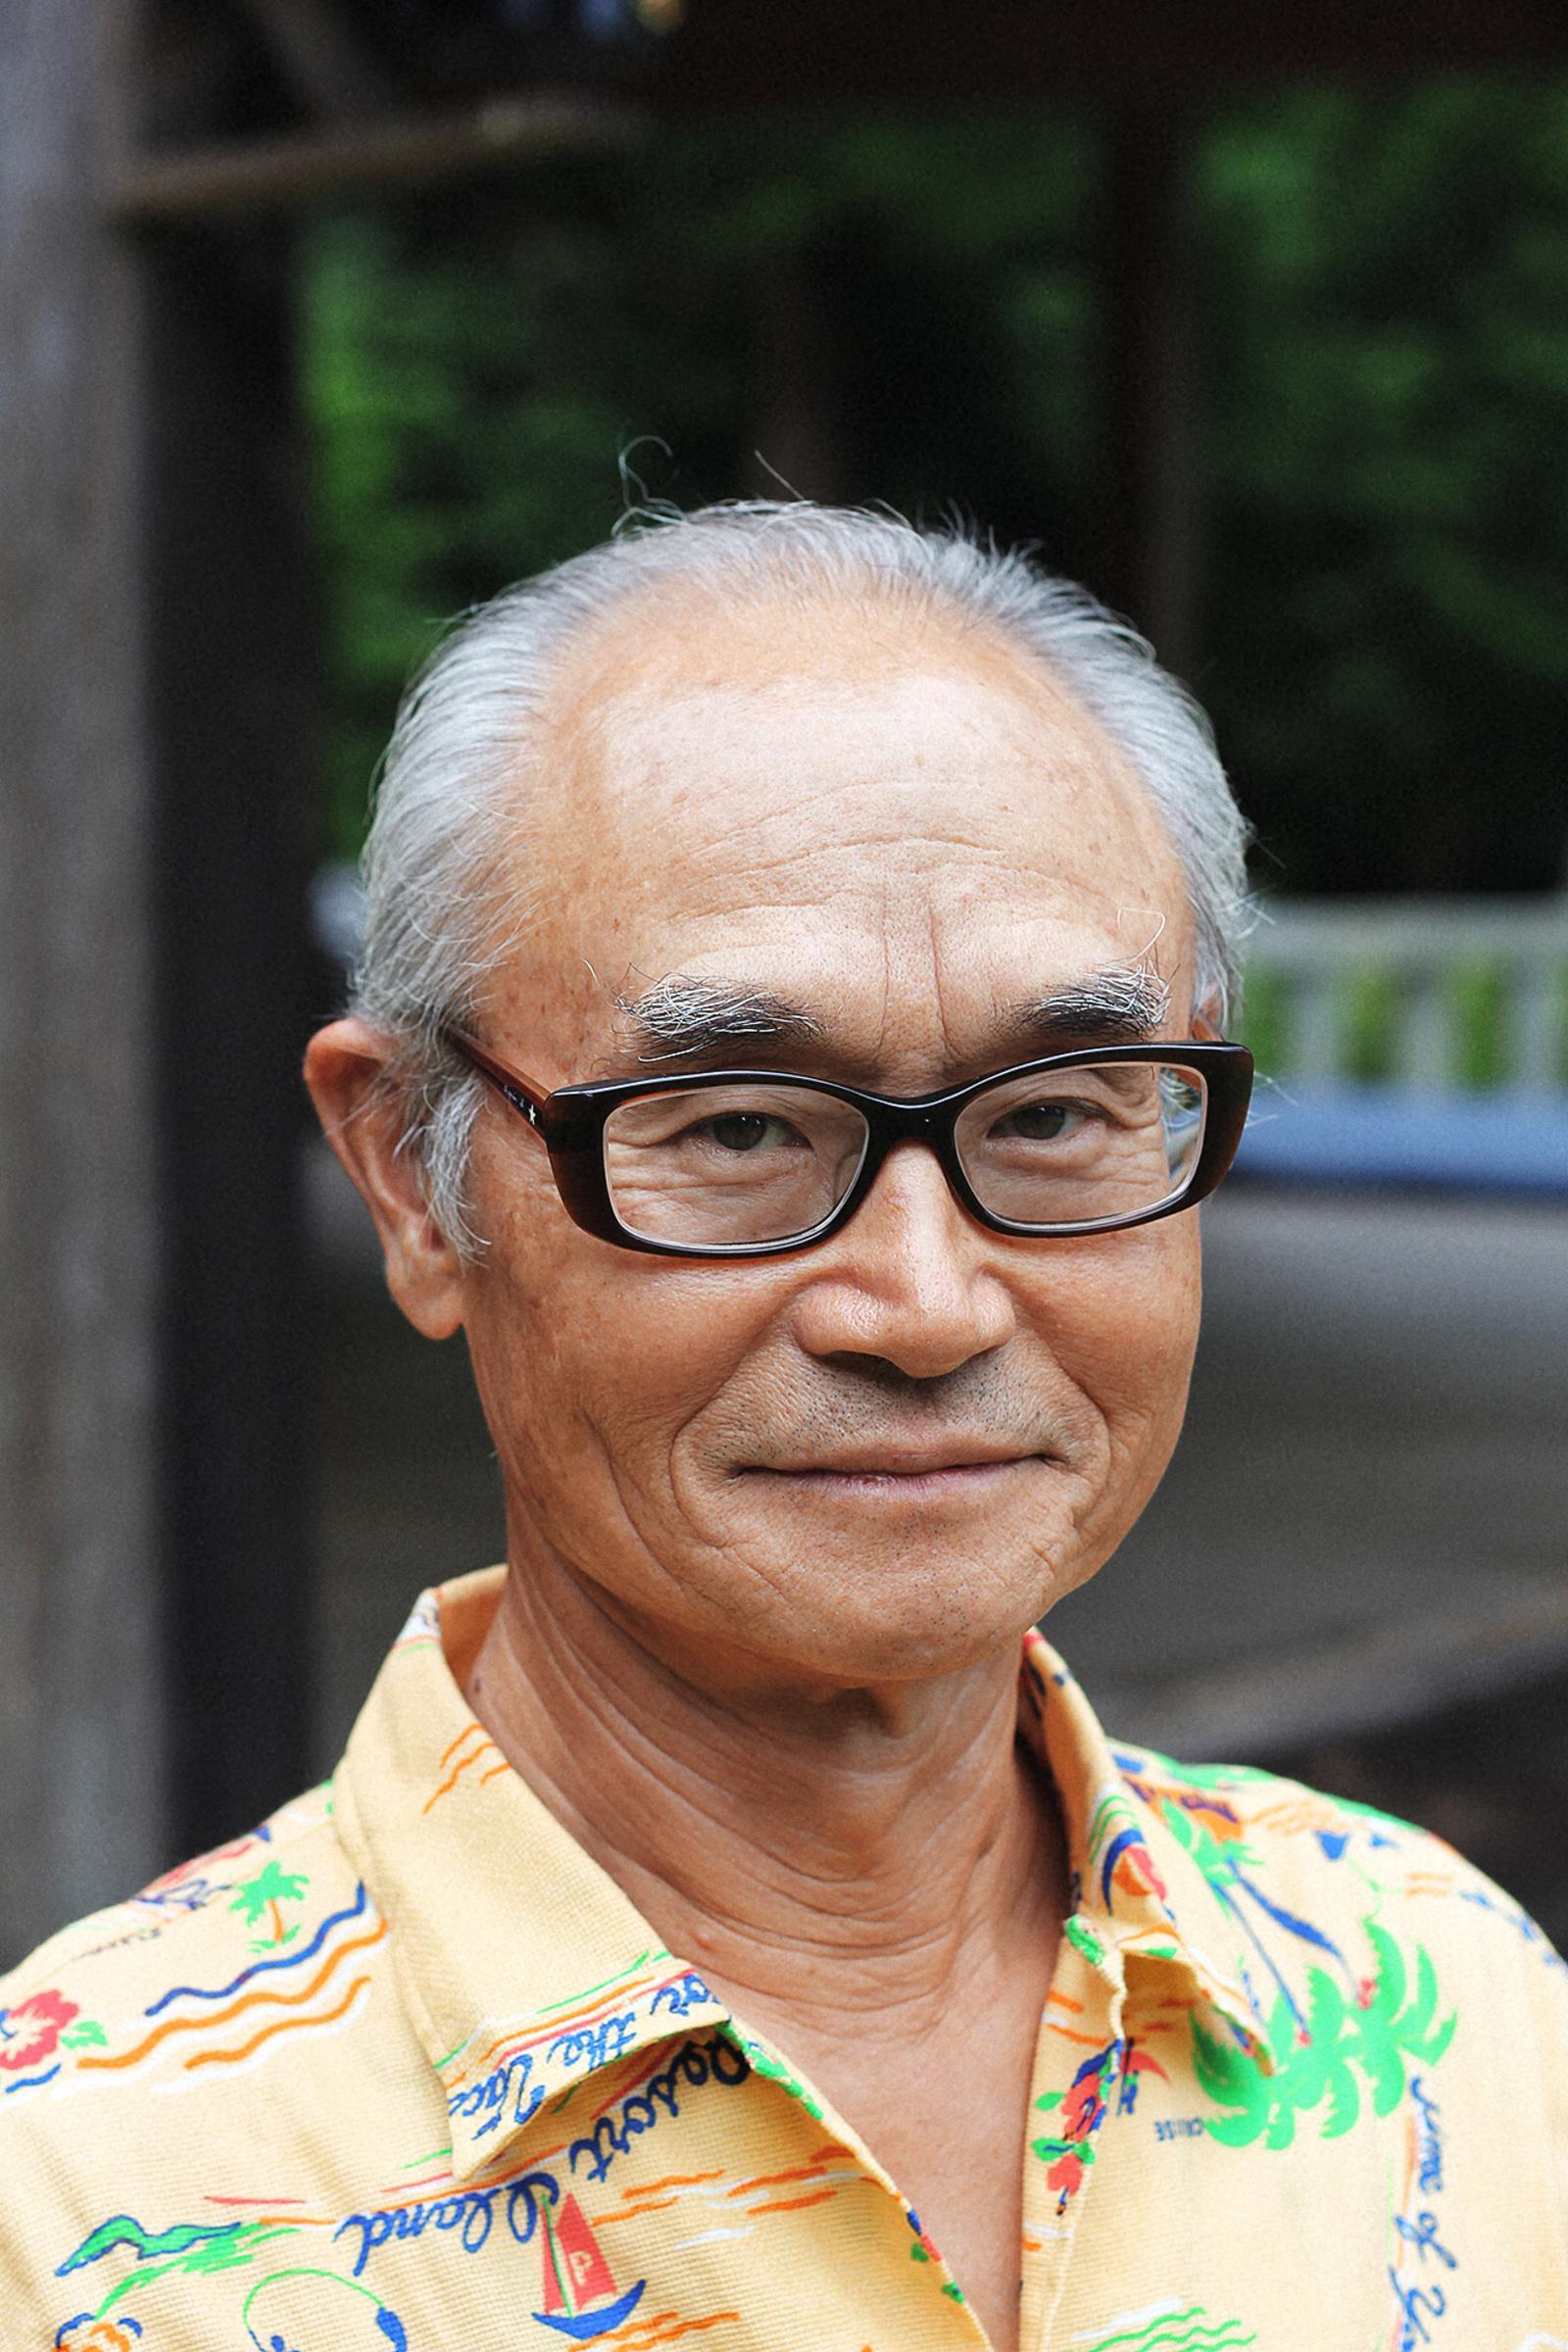 Sado Toshihiro Adachi